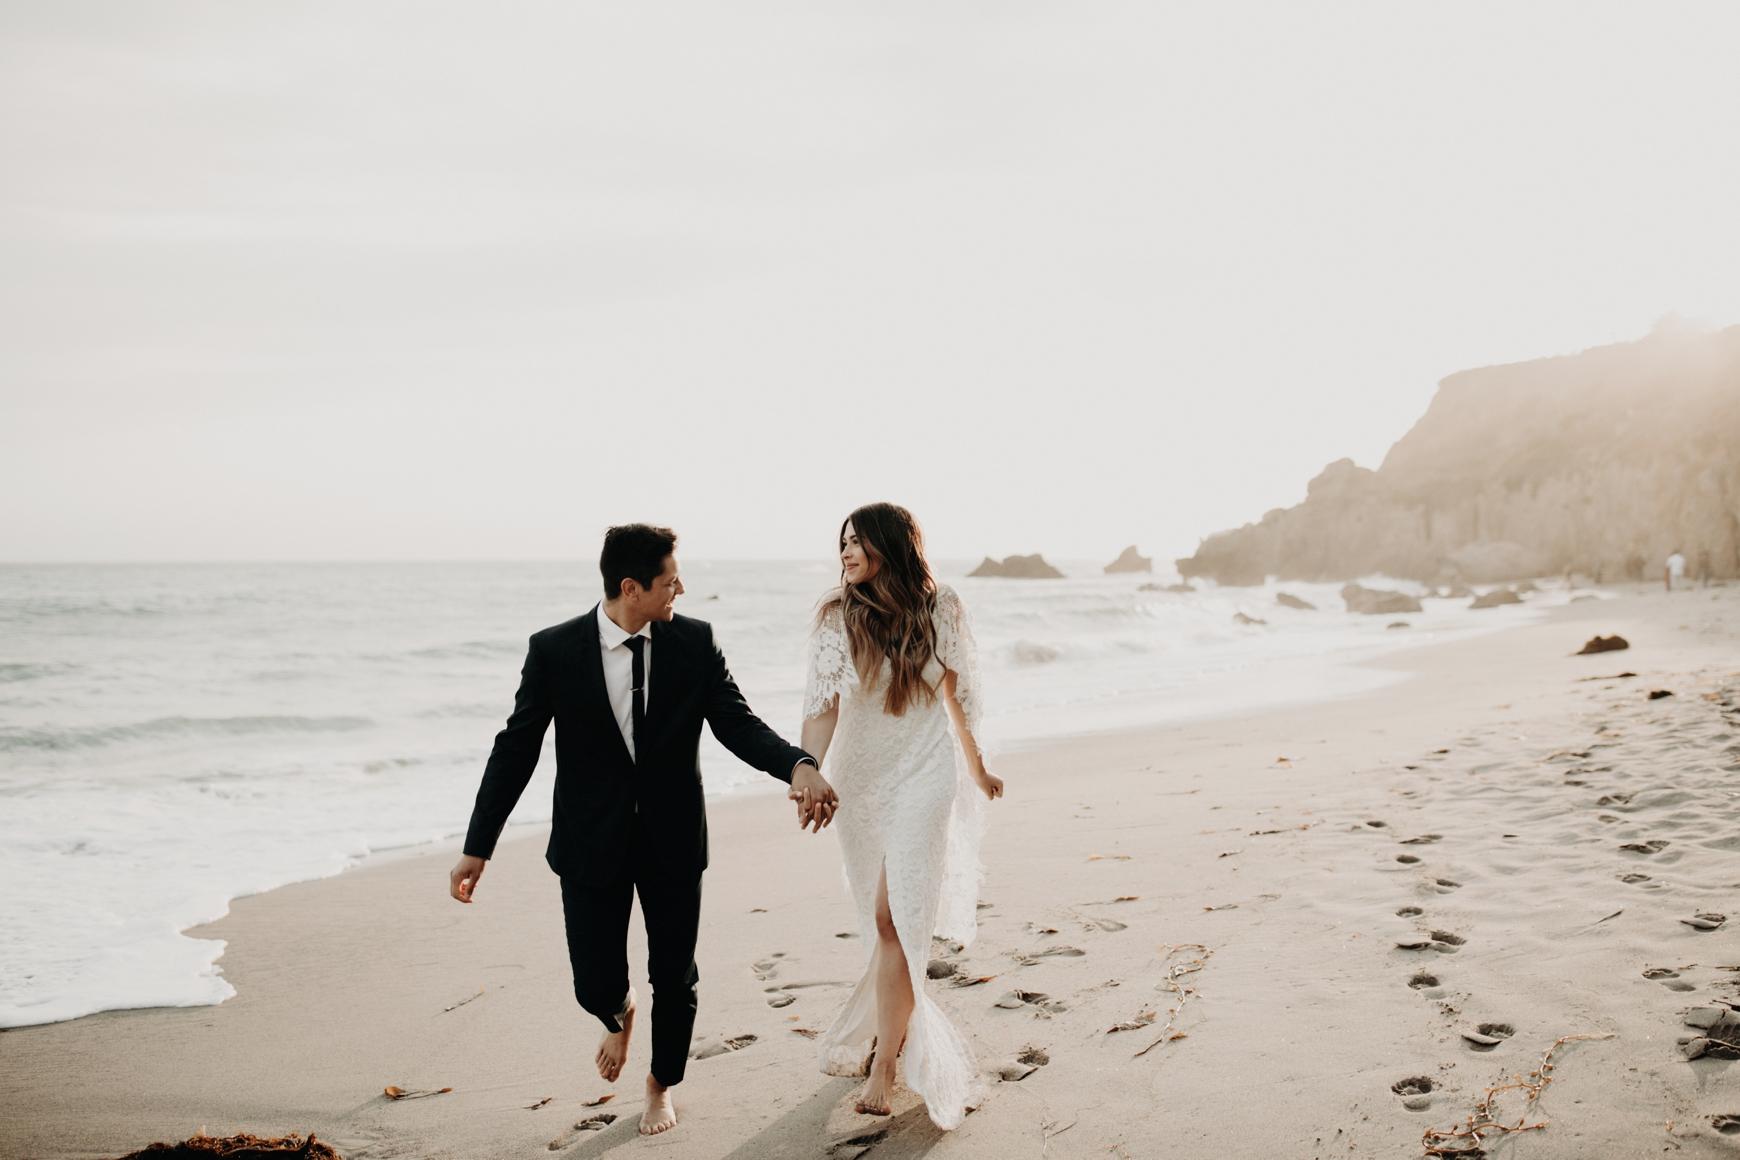 El Matador Beach Bridal Portraits Justellen & TJ Emily Magers Photography-264Emily Magers Photography.jpg